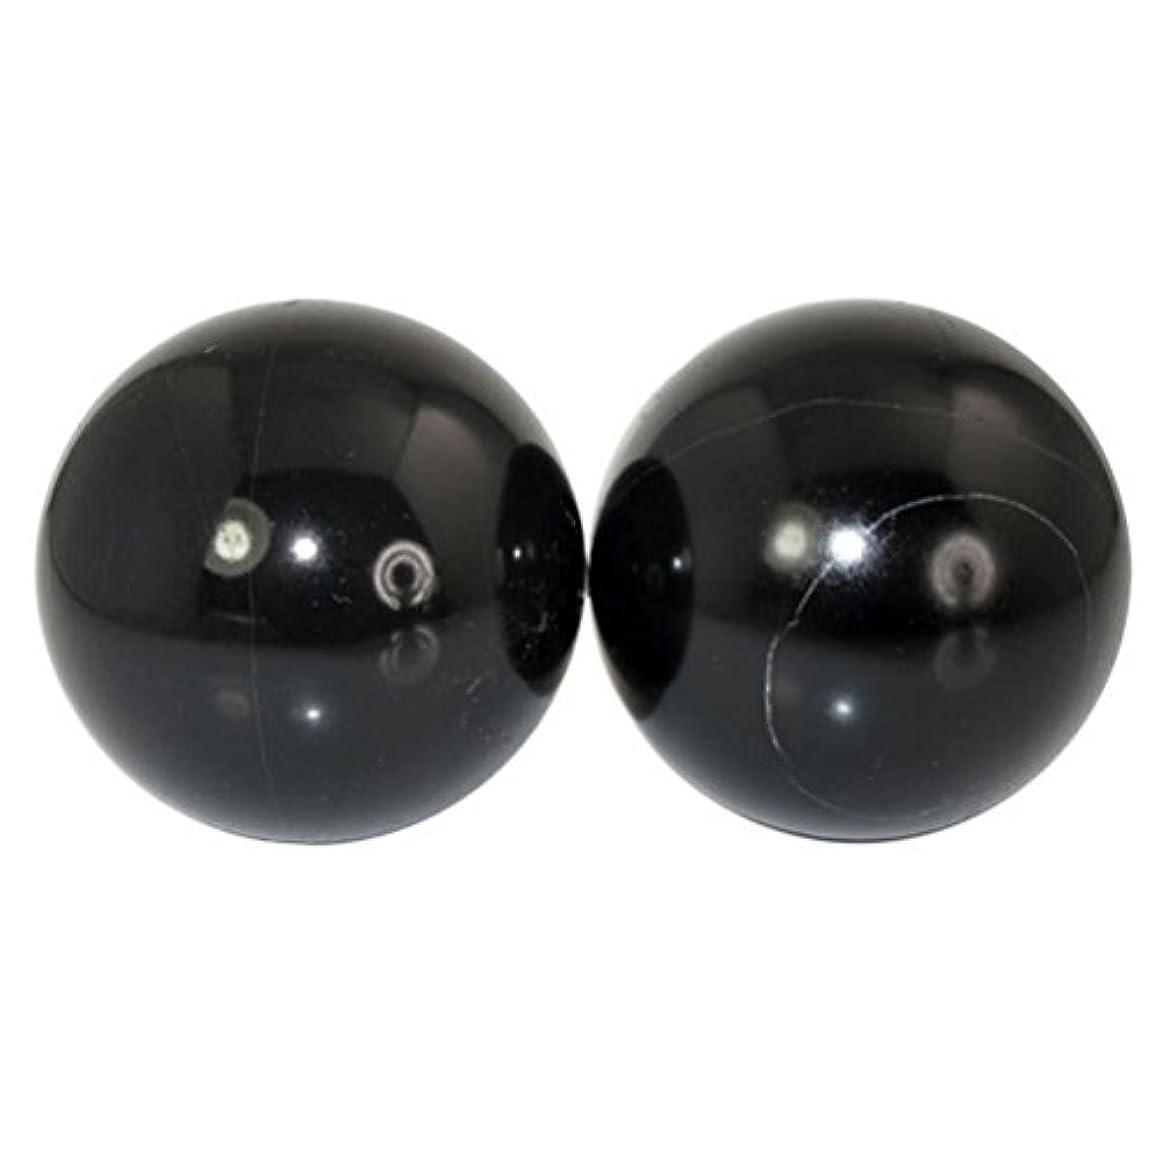 溶ける実証するカプラーROSENICE 2個 ハンドエクササイズボール ハンドセラピーストレスレリーフ(黑)